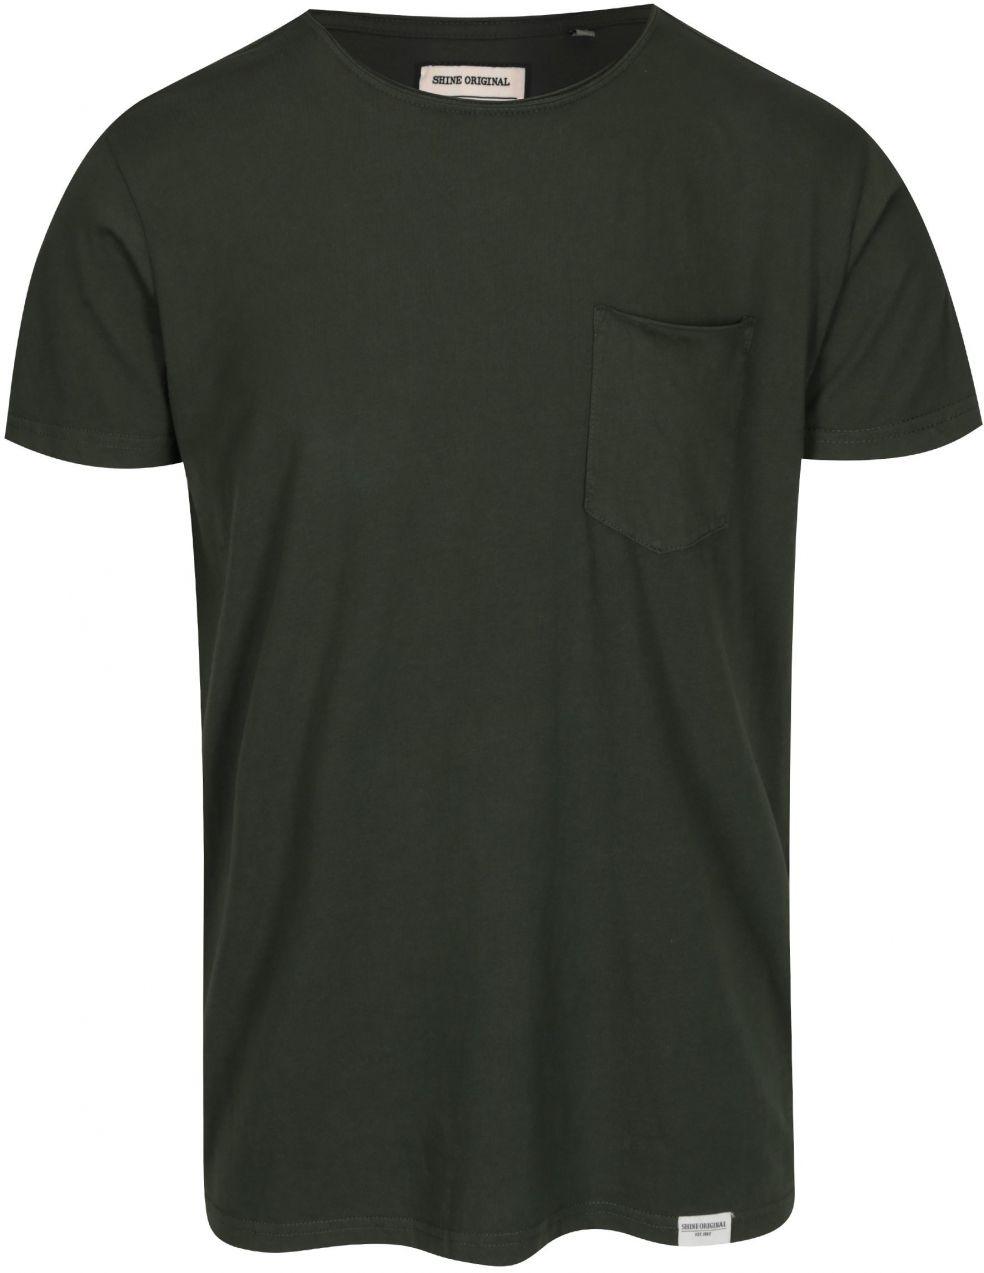 6fbb6e726b4f Tmavozelené tričko s vreckom Shine Original Andy značky Shine Original -  Lovely.sk